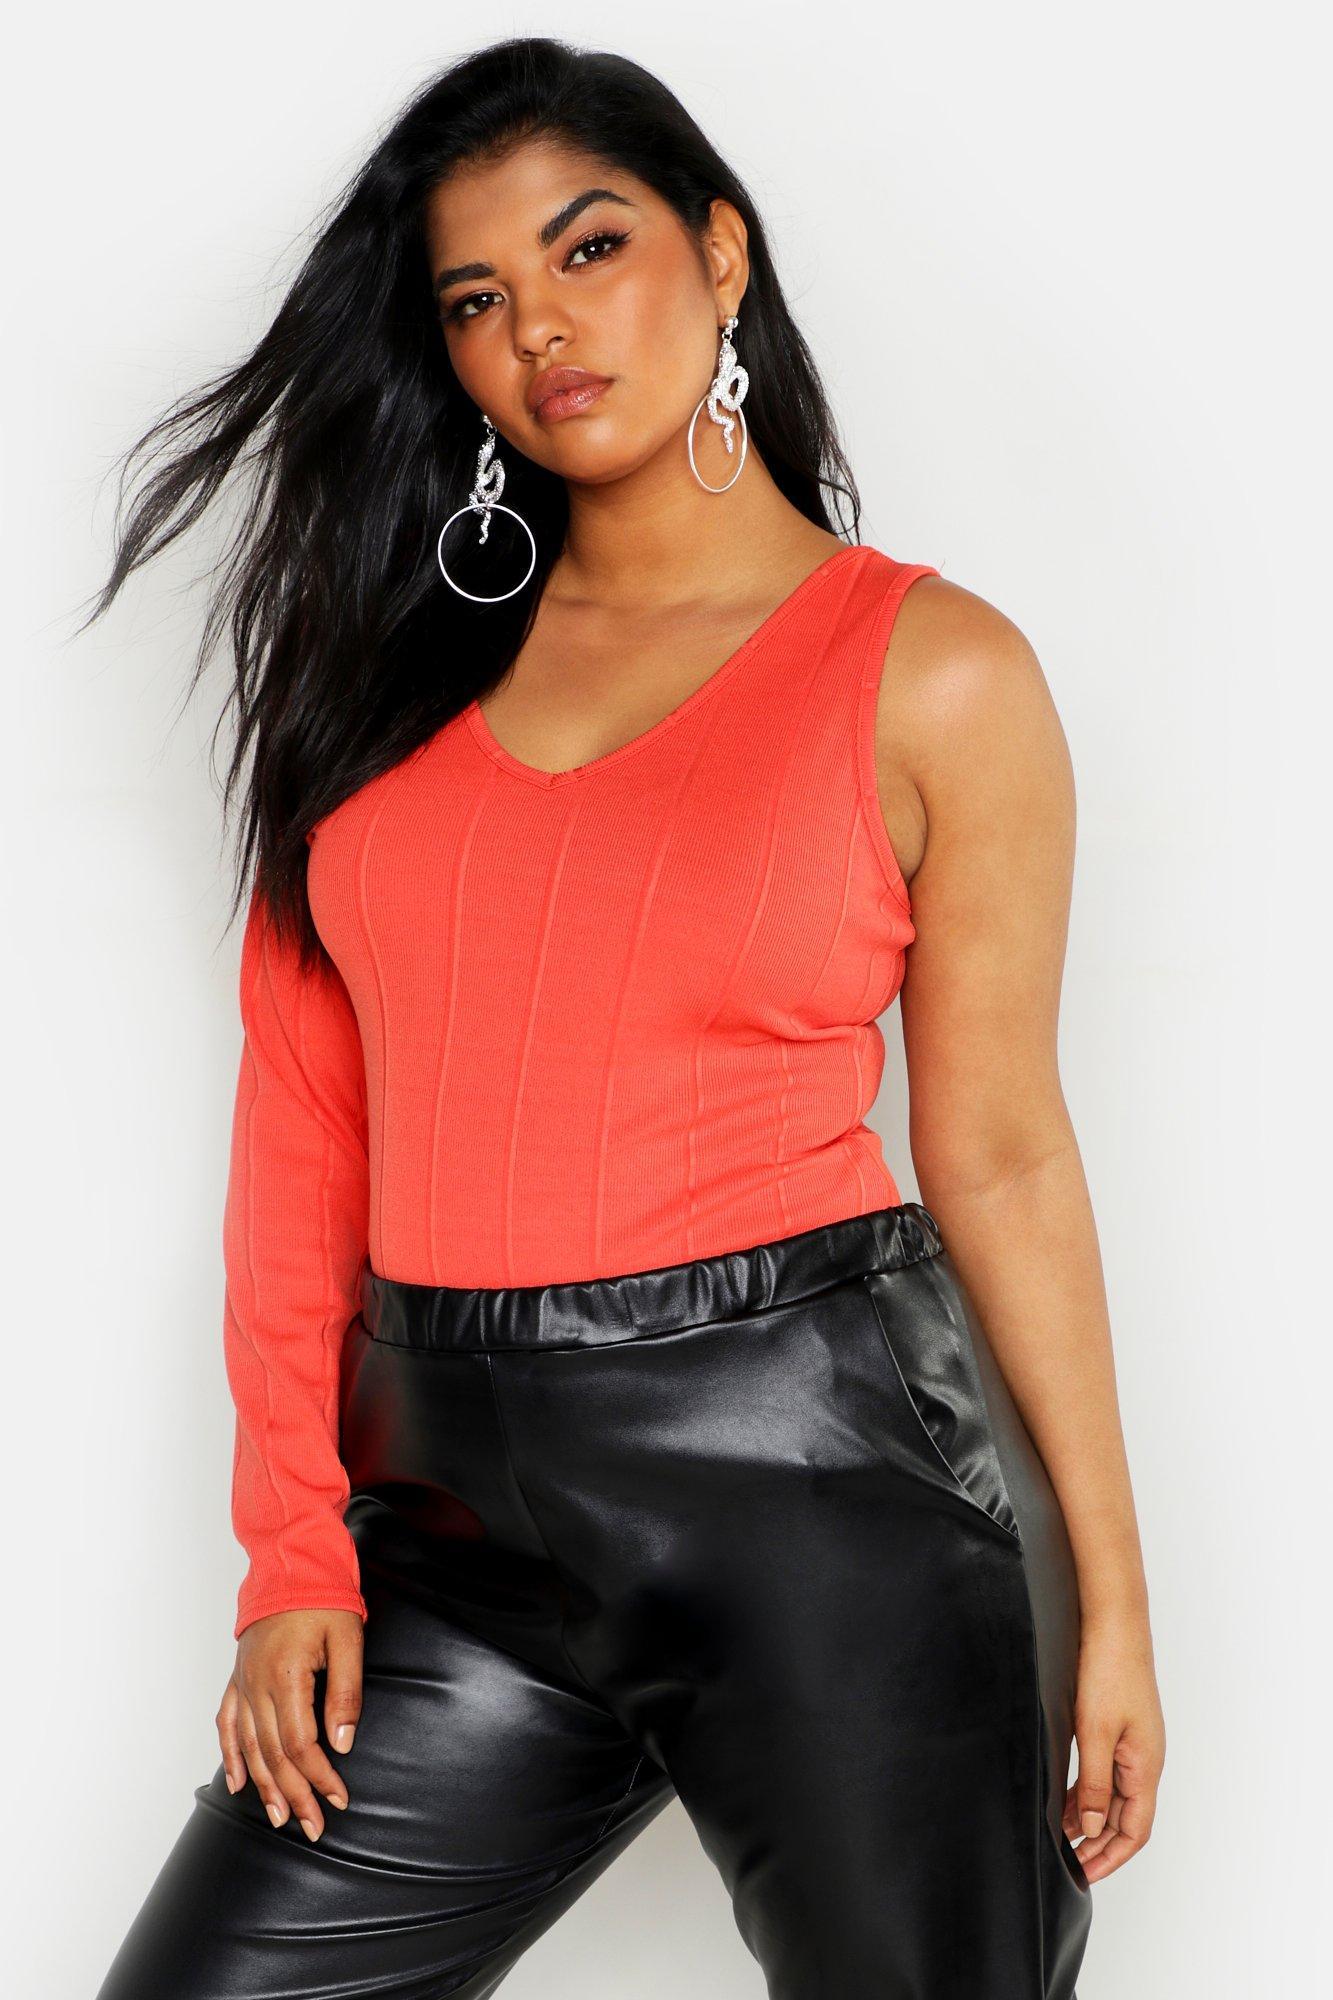 Womens Plus Geripptes Bandage-Oberteil mit einer freien Schulter und Cut-Out - Korallrot - 48, Korallrot - Boohoo.com